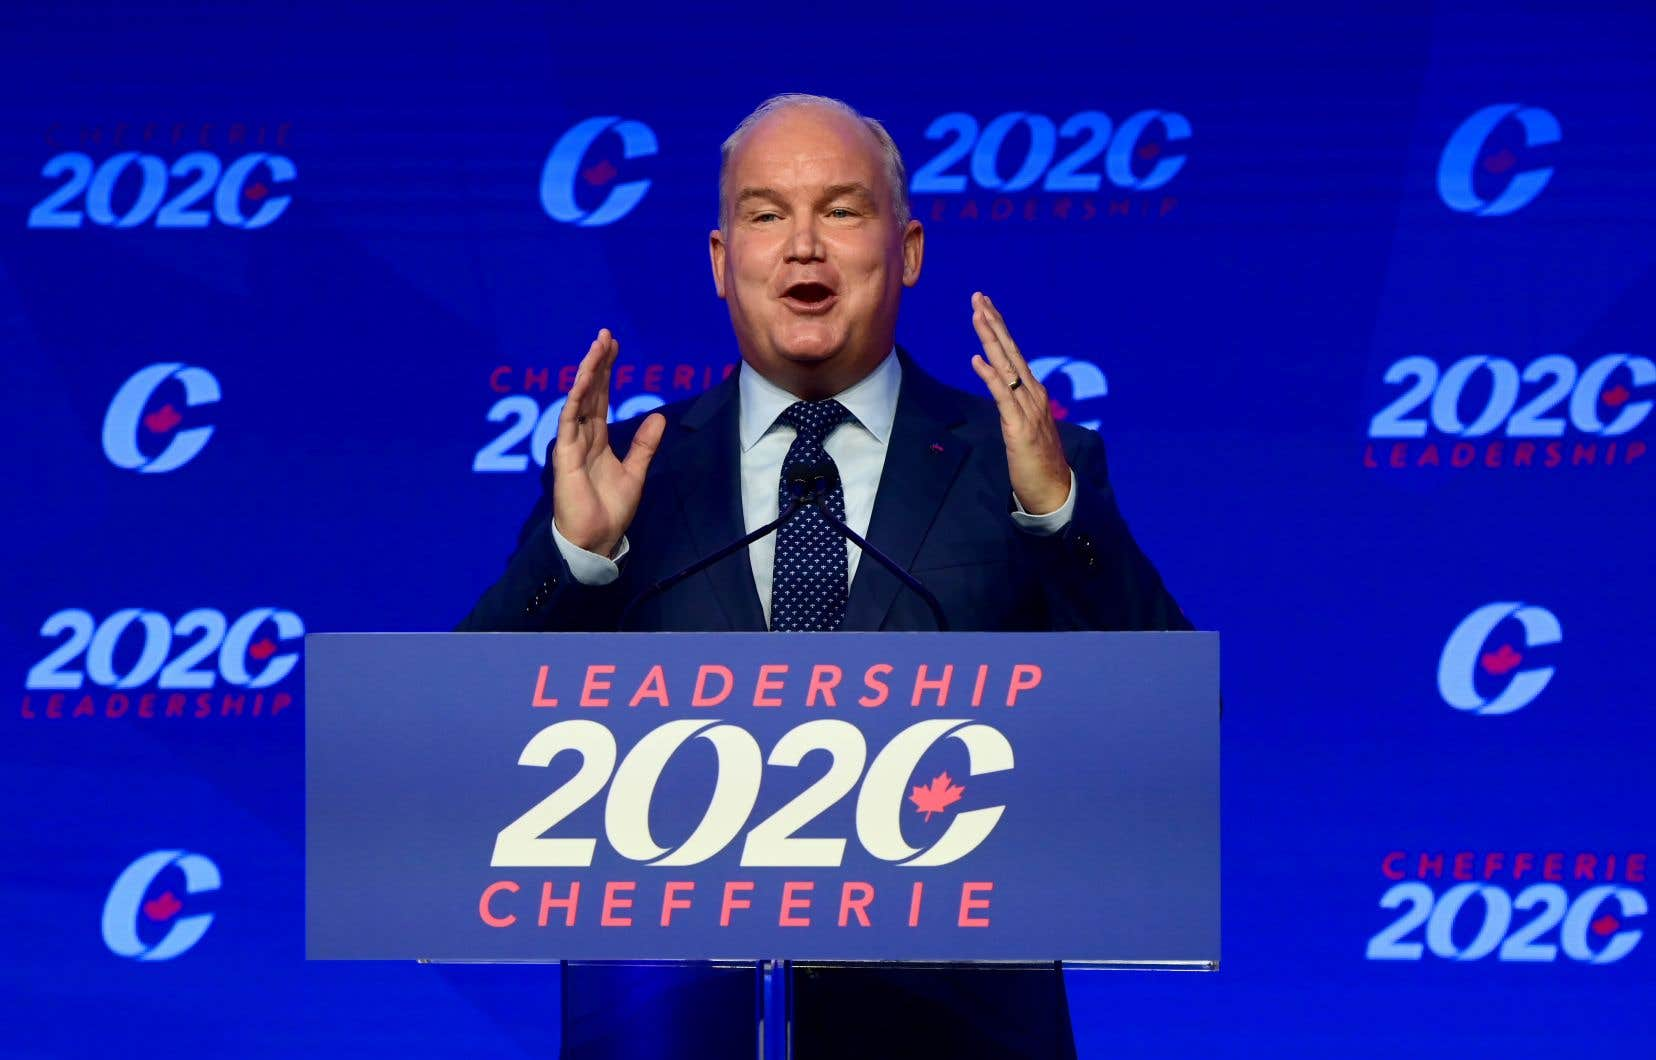 L'arrivée d'Erin O'Toole à la tête du Parti conservateur n'inspire pas les Québécois, selon le sondage de la firme Léger.